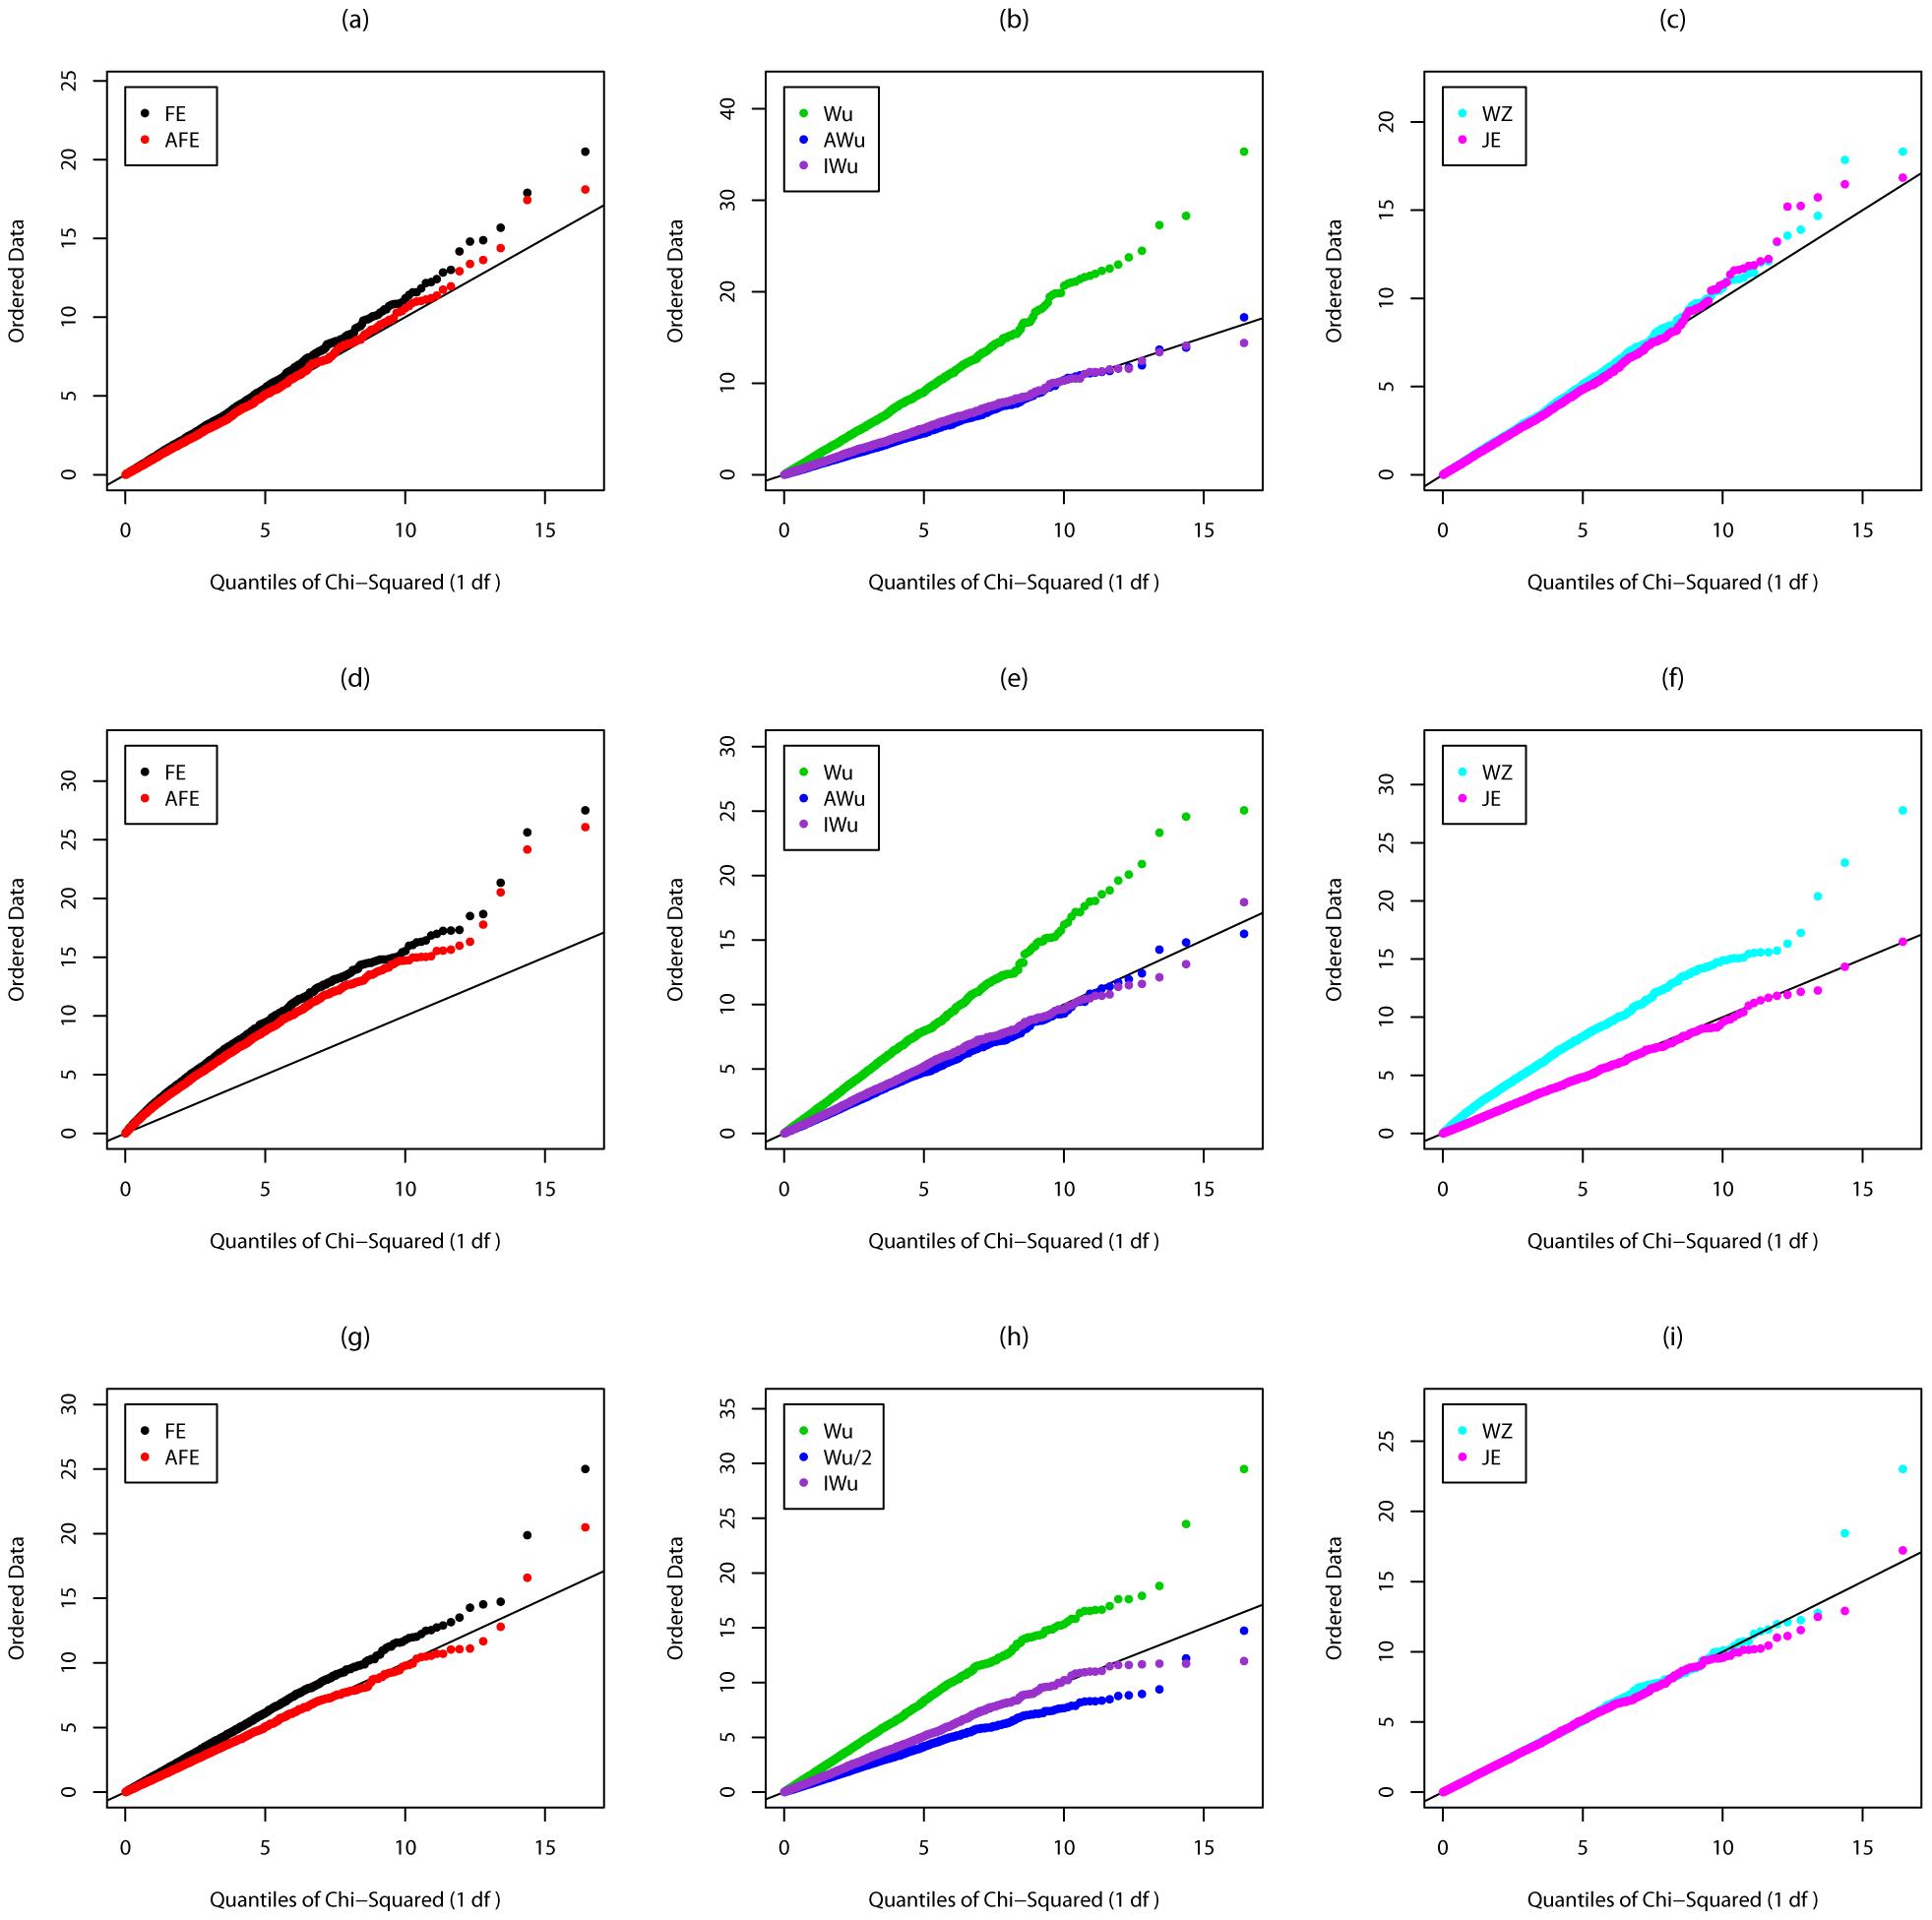 Chi-squared (1 df) Q-Q plot for Scenario 2 (Recessive effect at locus G).